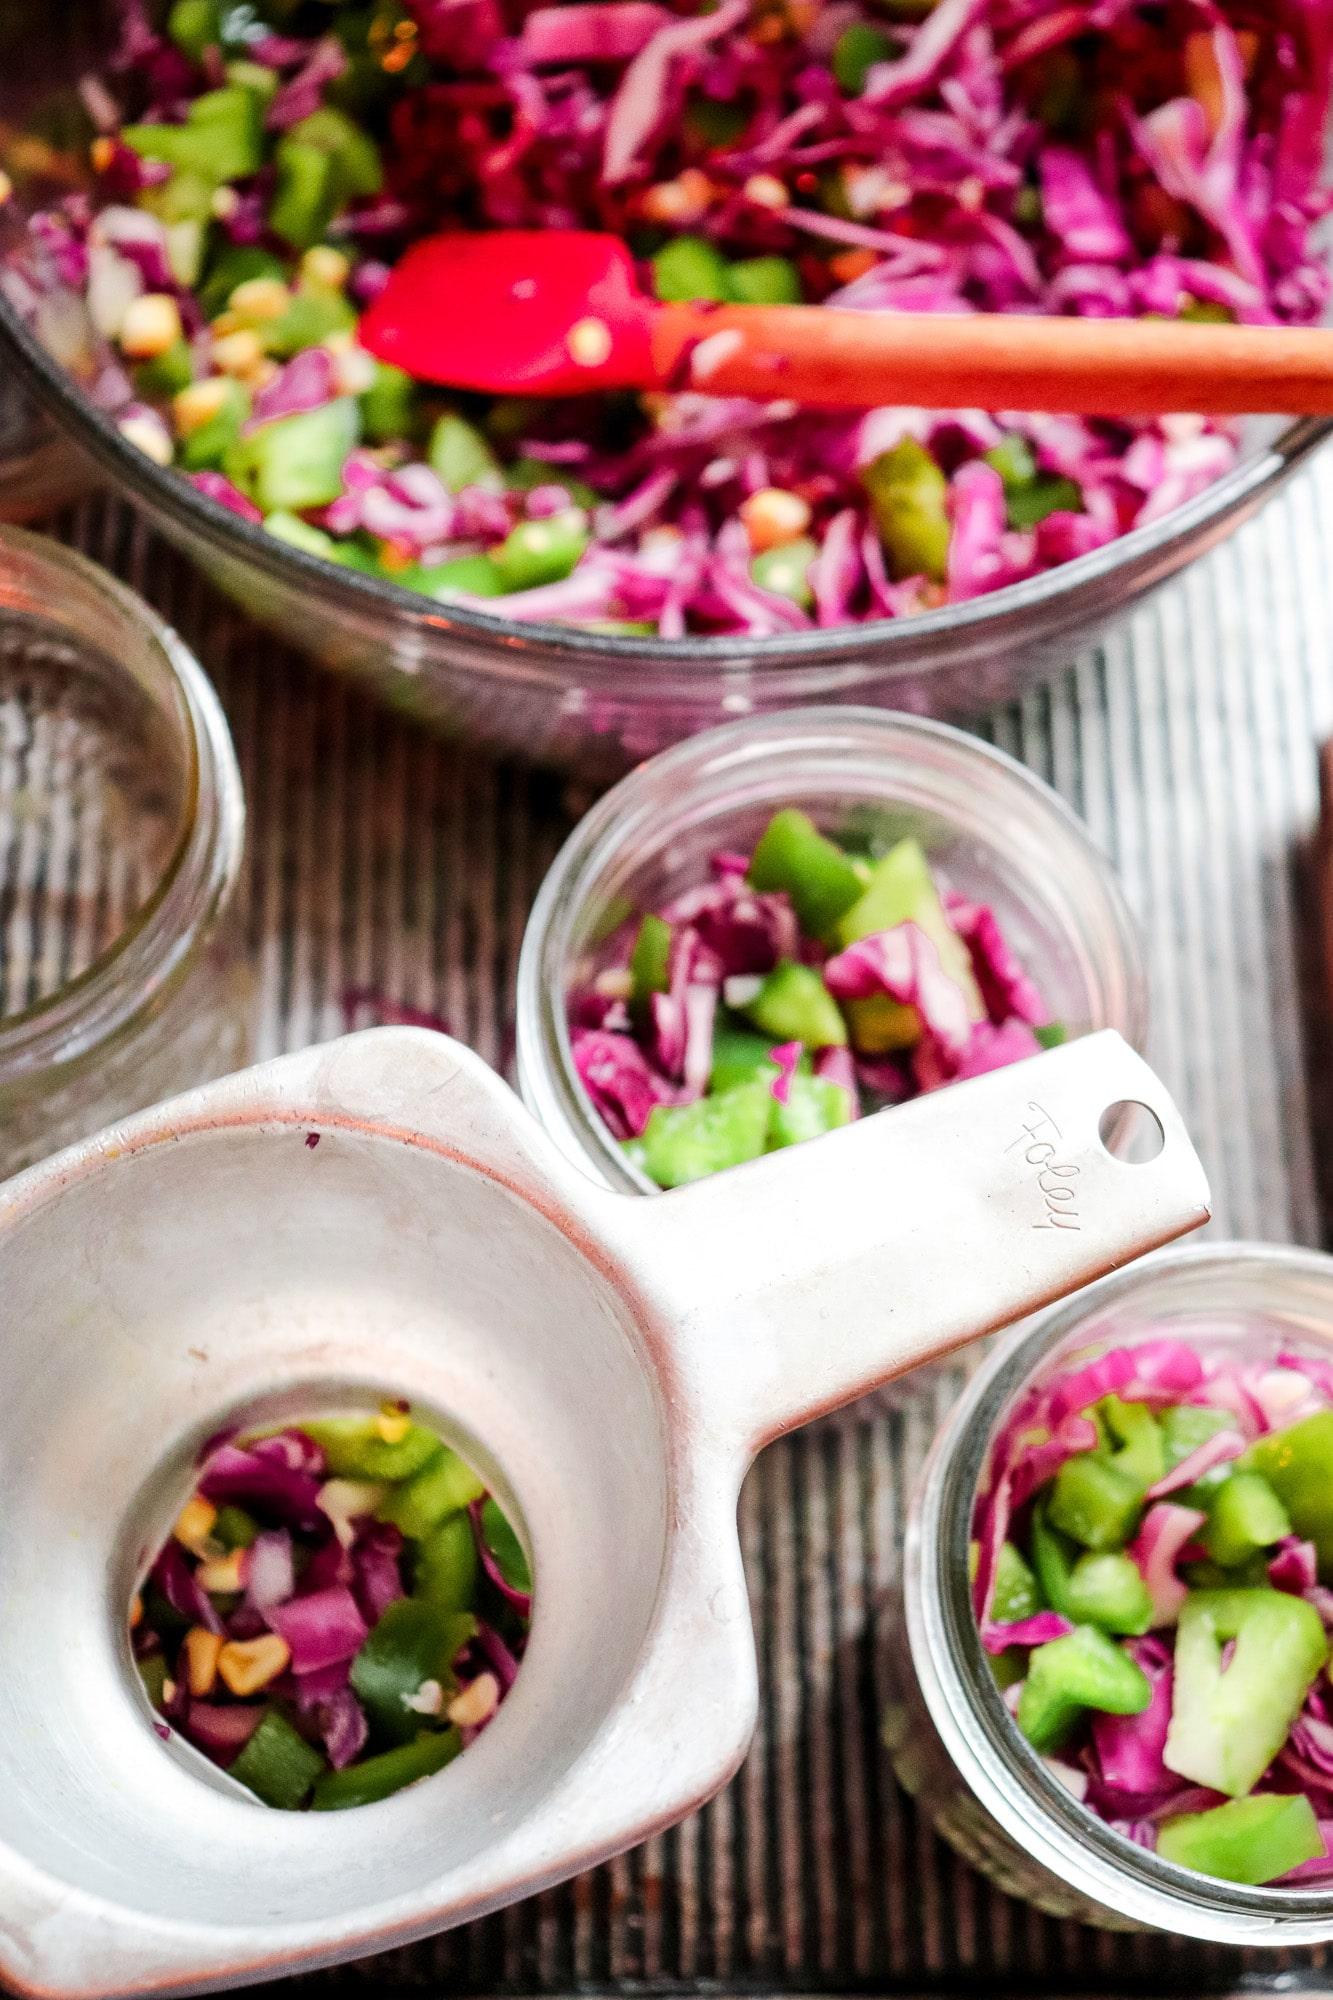 brining vegetables in jars